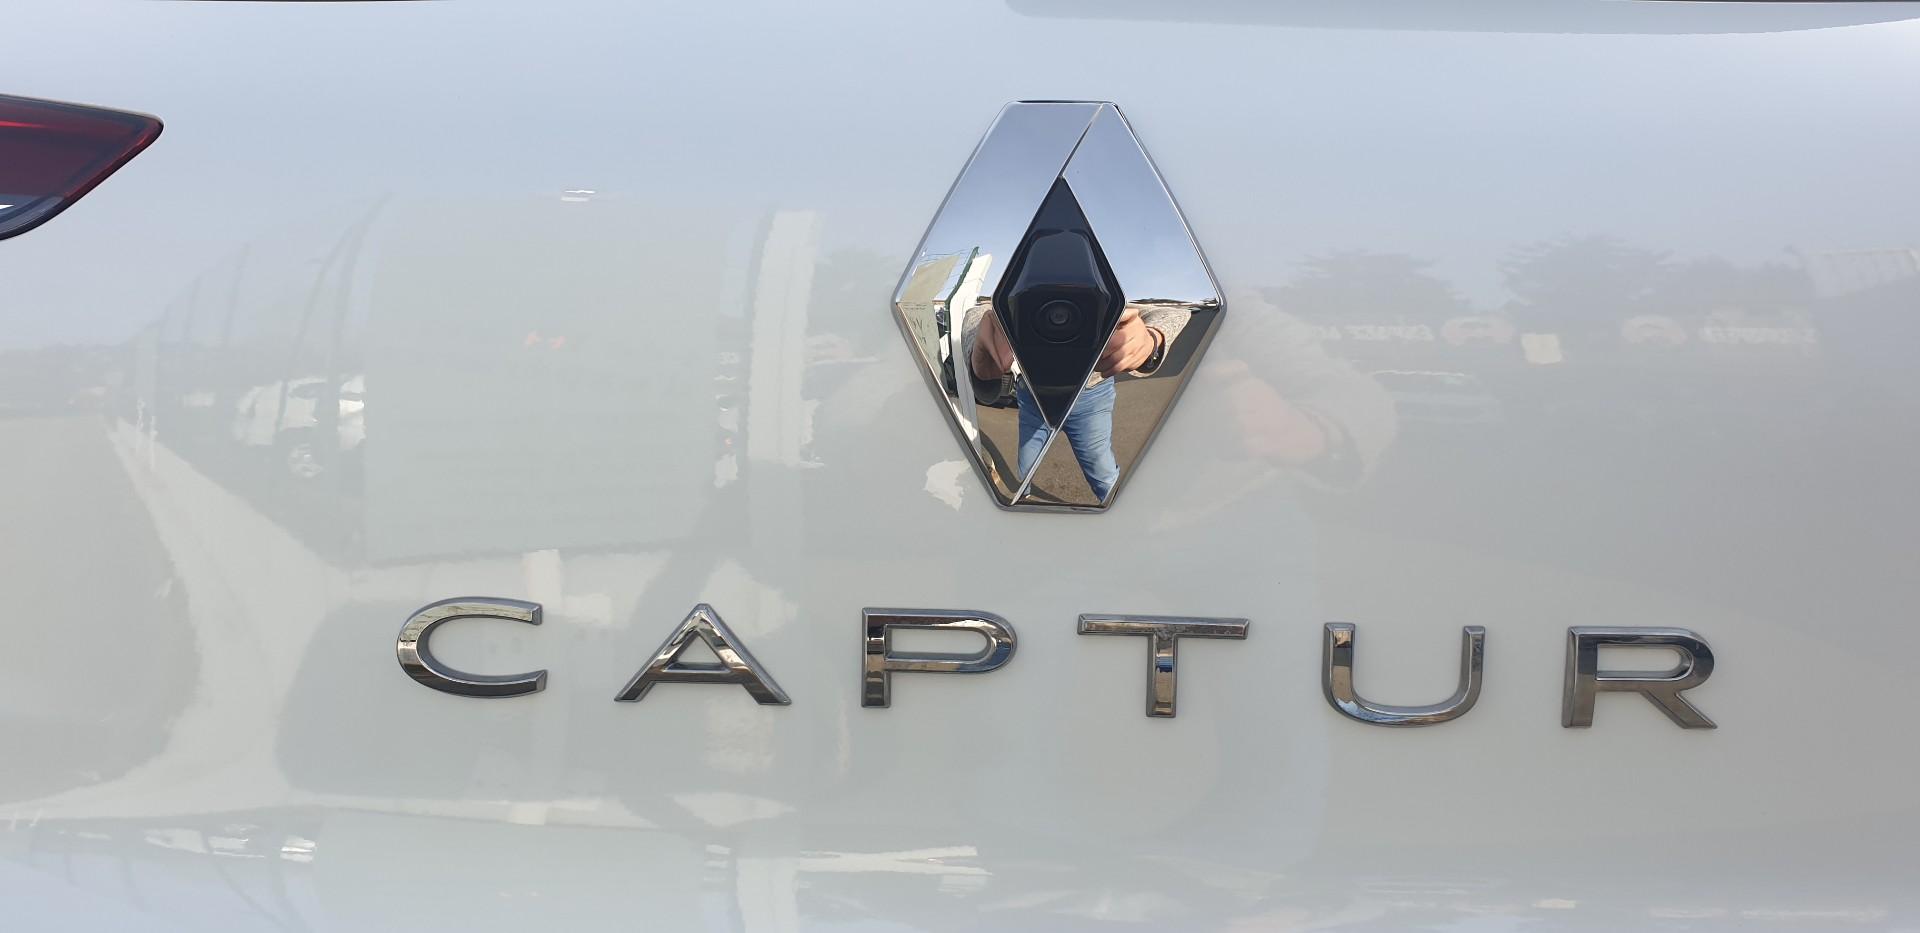 NOUVEAU CAPTUR RENAULT